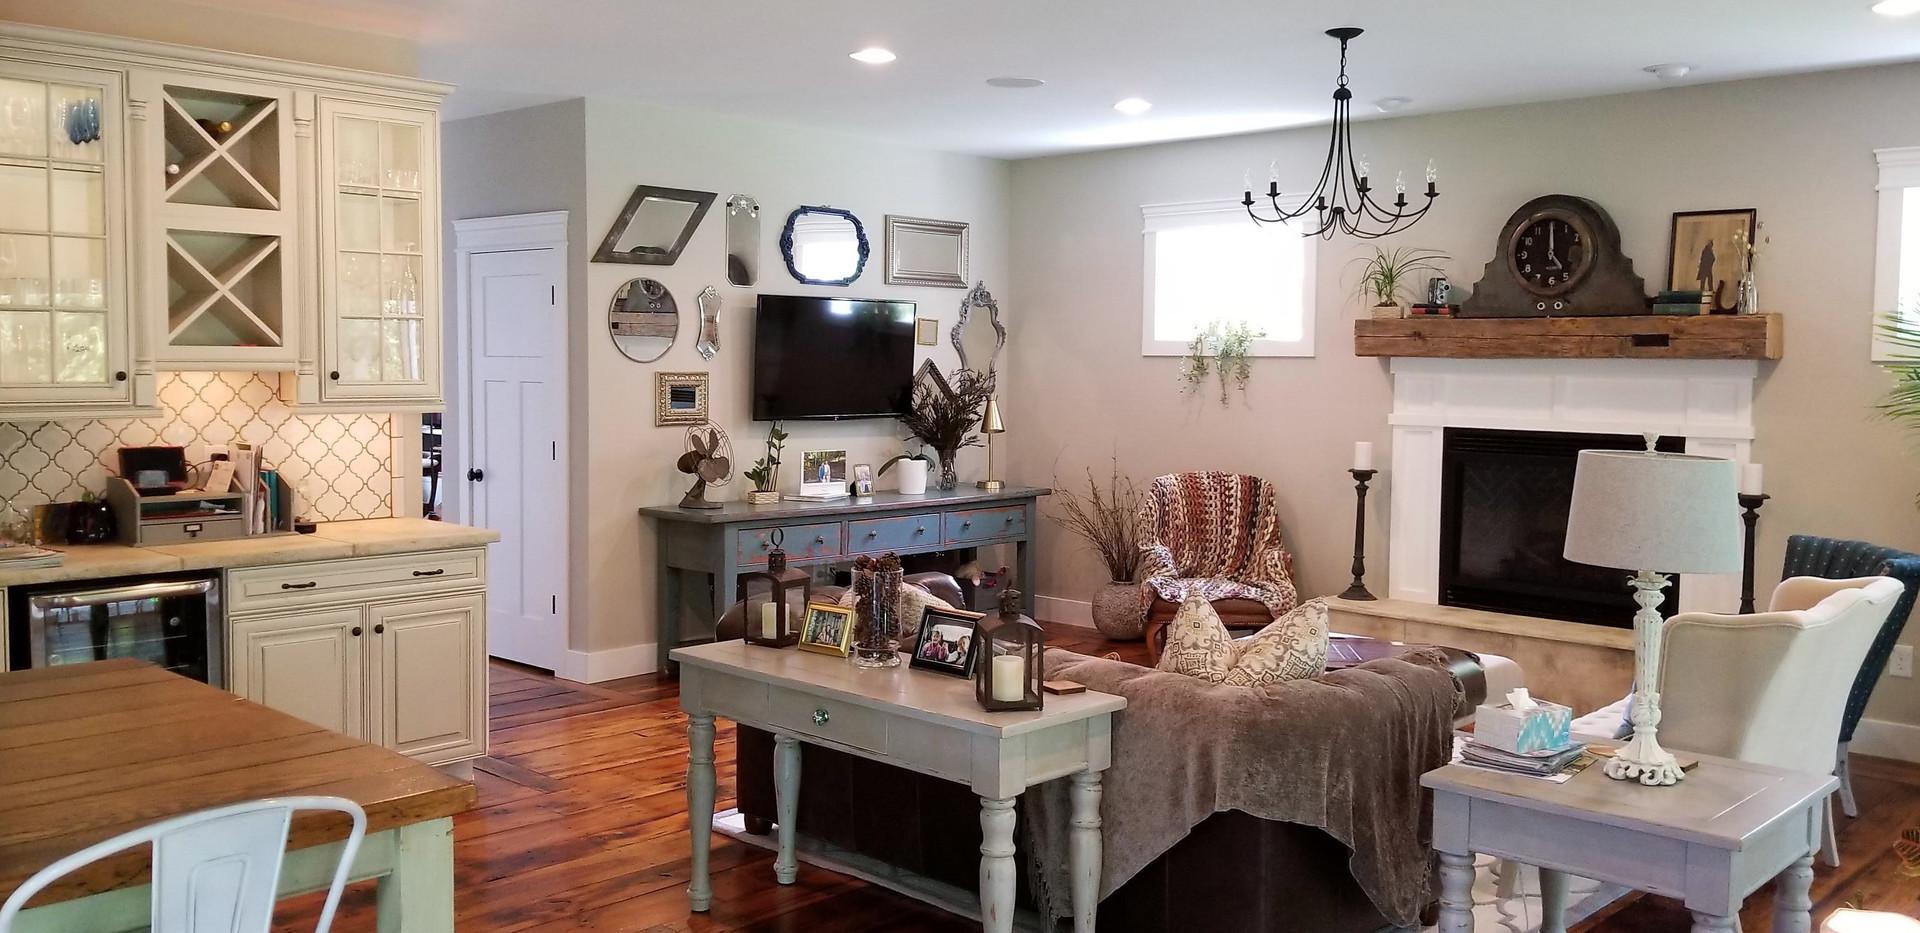 3 living room (2).jpg